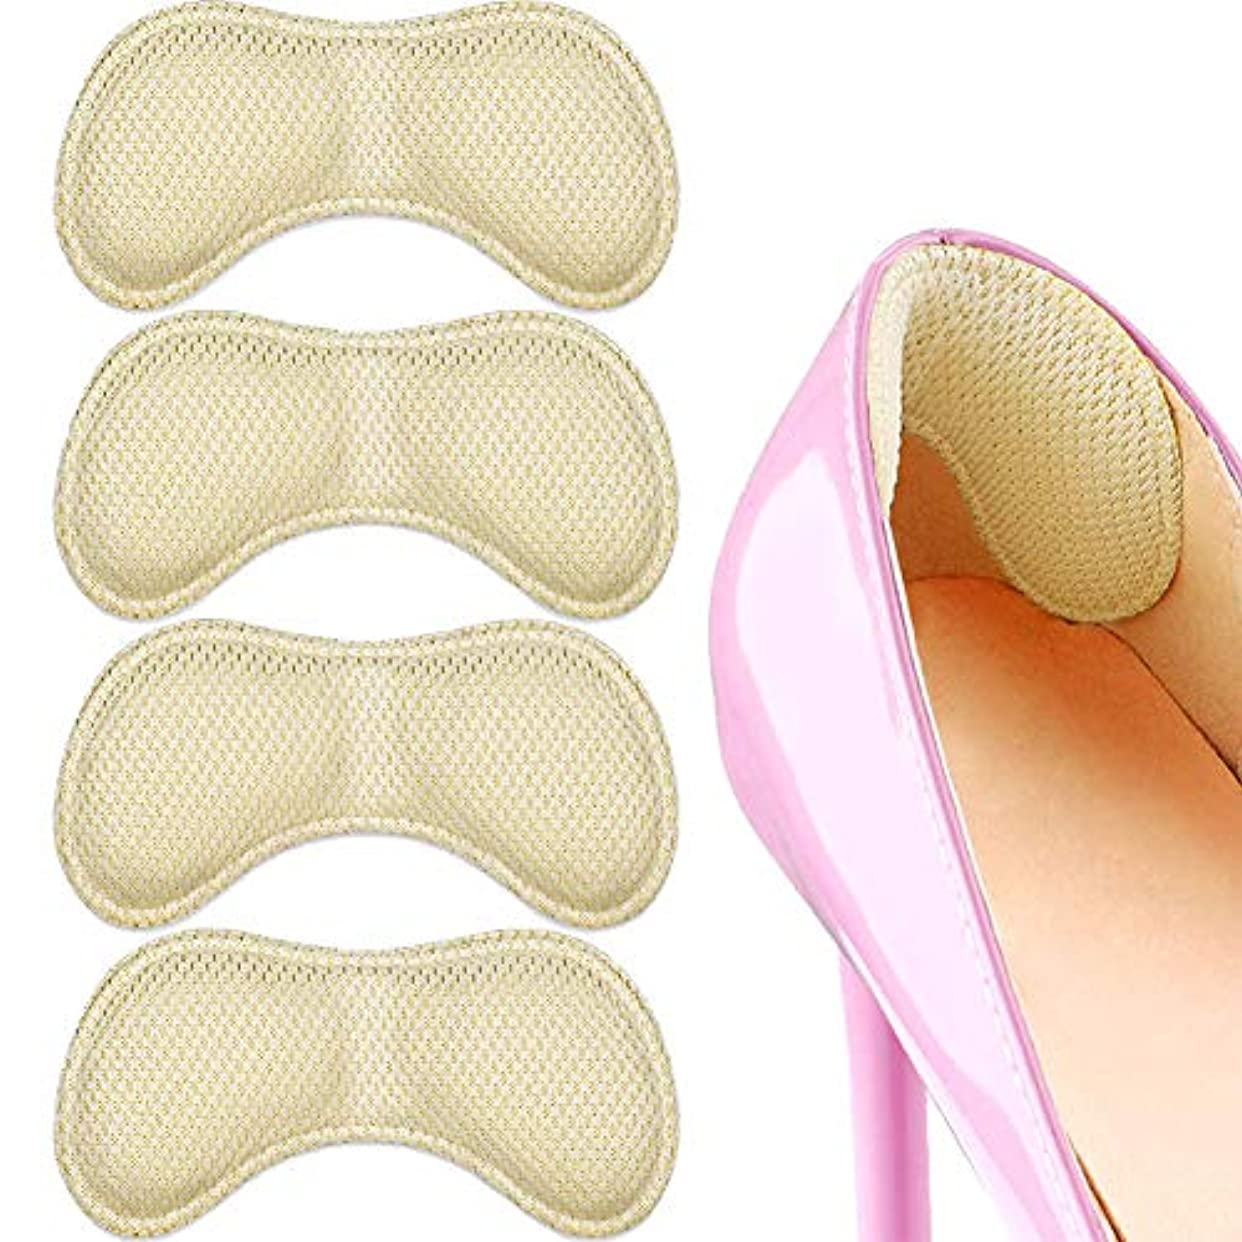 大声でスローガンネックレスReccy かかと靴ズレ防止パッド,パカパカ防止 ヒールパッド 靴擦れ痛み緩和 かかとパッド かかと クッション 靴擦れ防止 パッド テープ 靴の滑り止め用品 靴ぬげ対策 靴ズレ防止ジェル かかとインソール 革靴 ハイヒール パンプス 靴のサイズ調整2足分入り